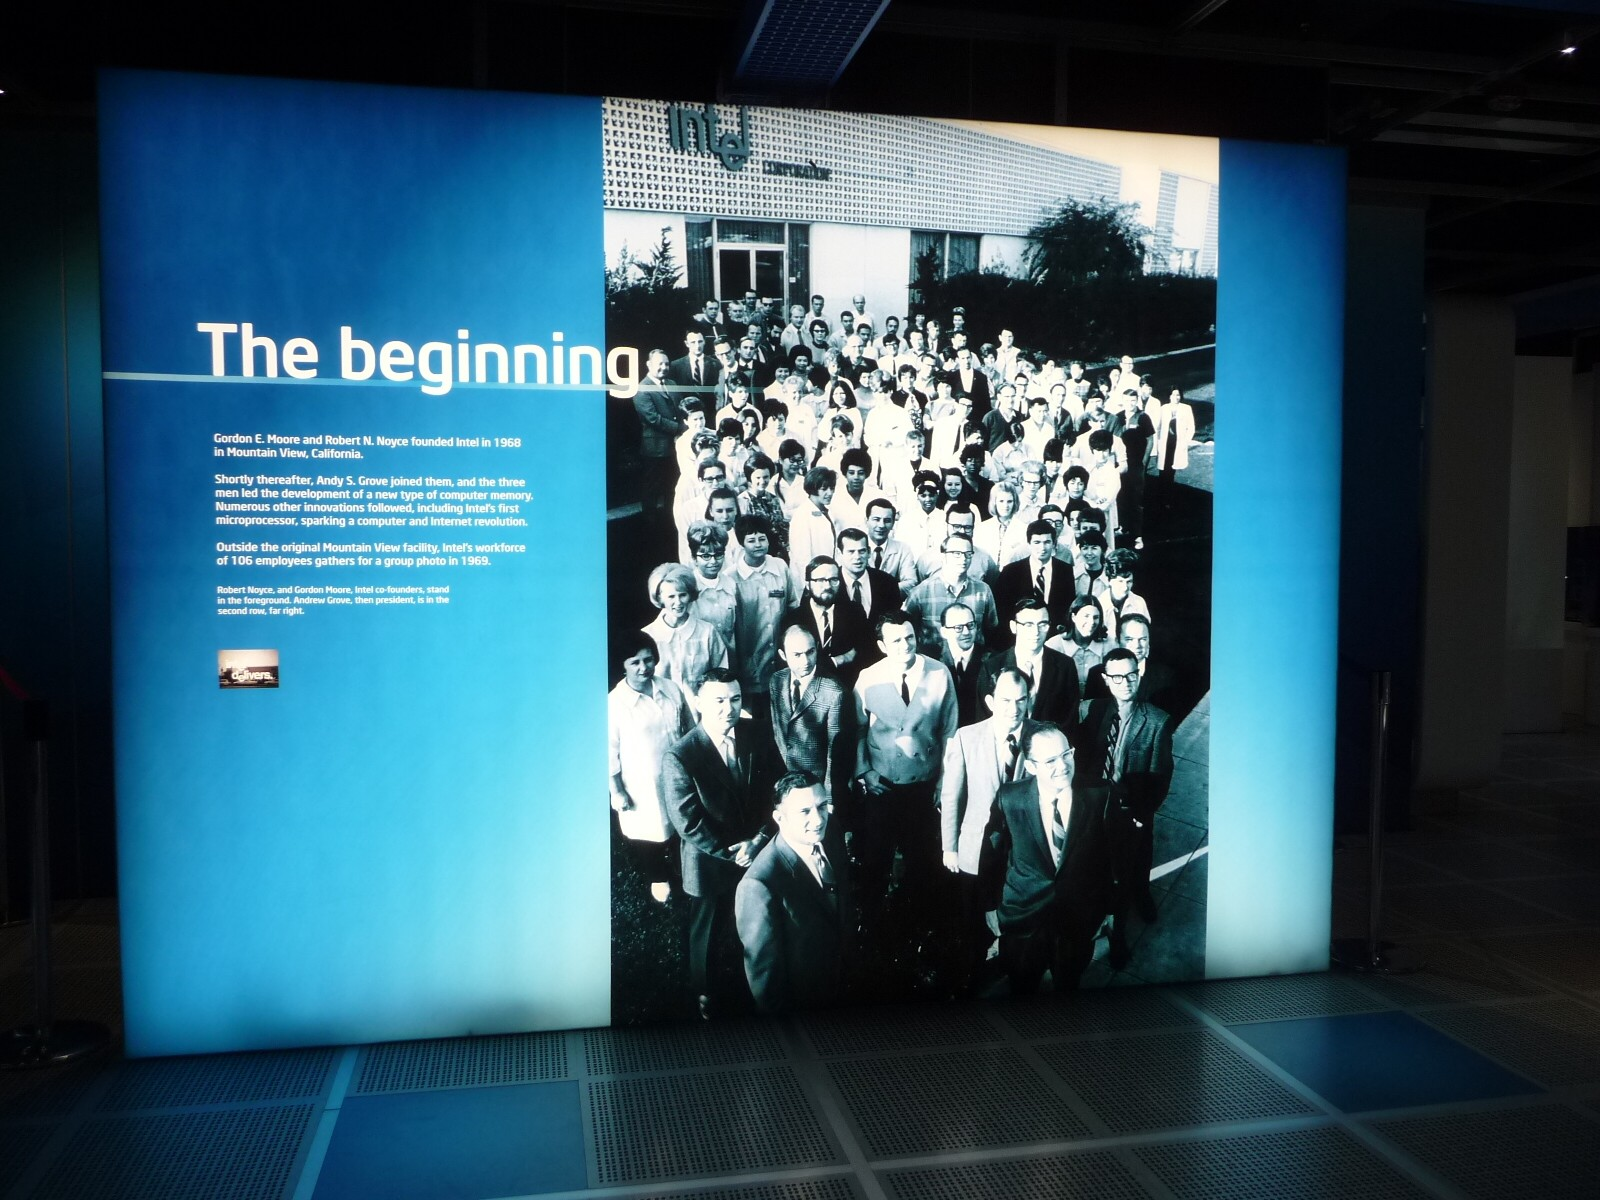 Intelの創業地であるマウンテンビューの本社前に従業員が集まって撮影された写真(1969年)のパネル。最前列の左がロバート・ノイス(初代の社長兼CEO(最高経営責任者))、右がゴードン・ムーア。社屋には1969年にデザインされた有名なロゴマーク(ドロップドイー(dropped-e)と呼ばれる、「e」の文字だけが下がっているロゴ)が見て取れる